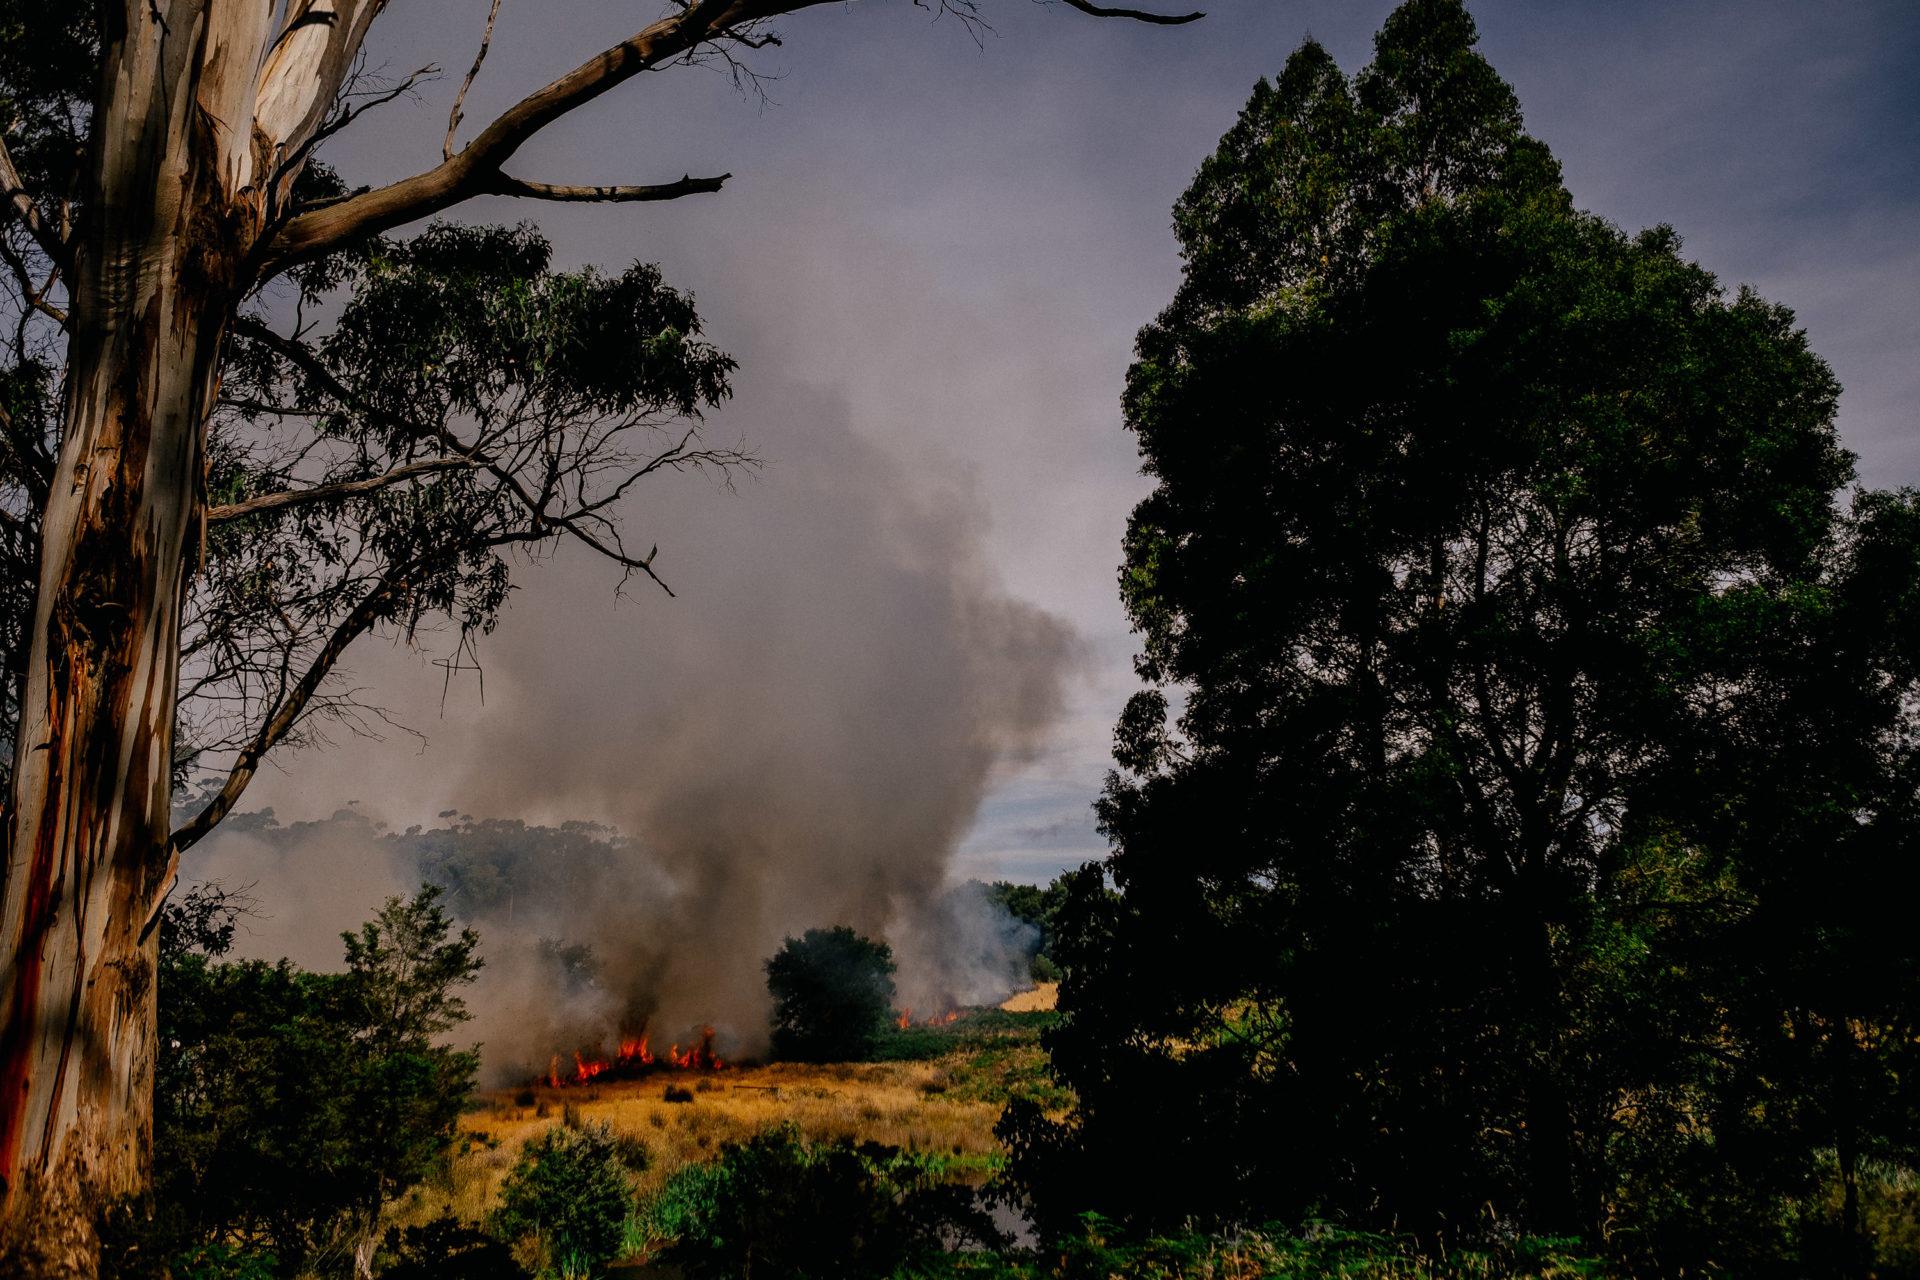 Tasmanien-erleben-roadtrip-rundreise-wunderschöne langschaften-buschfeuer-loescharbeiten